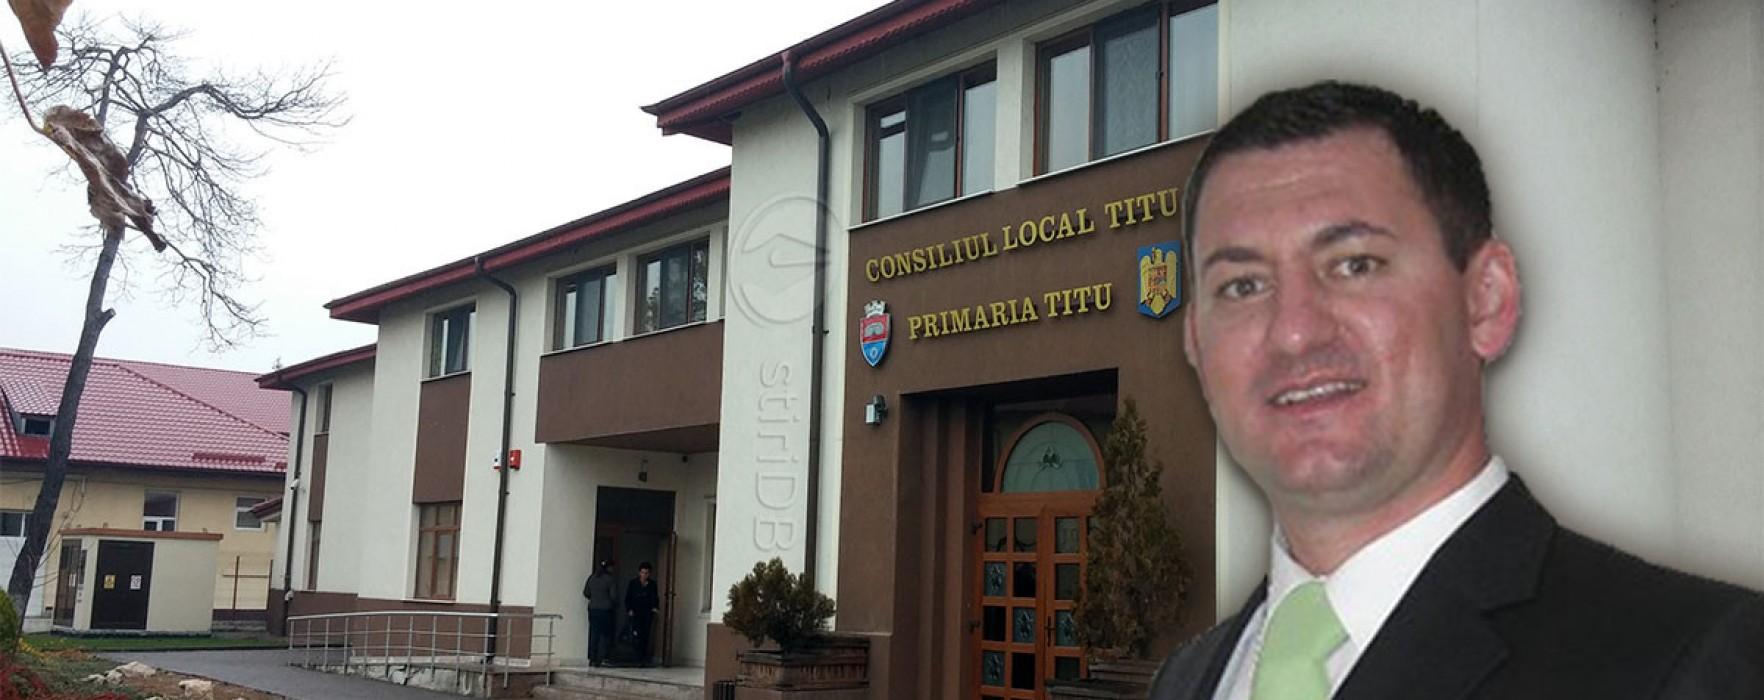 Vlad Oprea, candidatul PSD la Primăria Titu